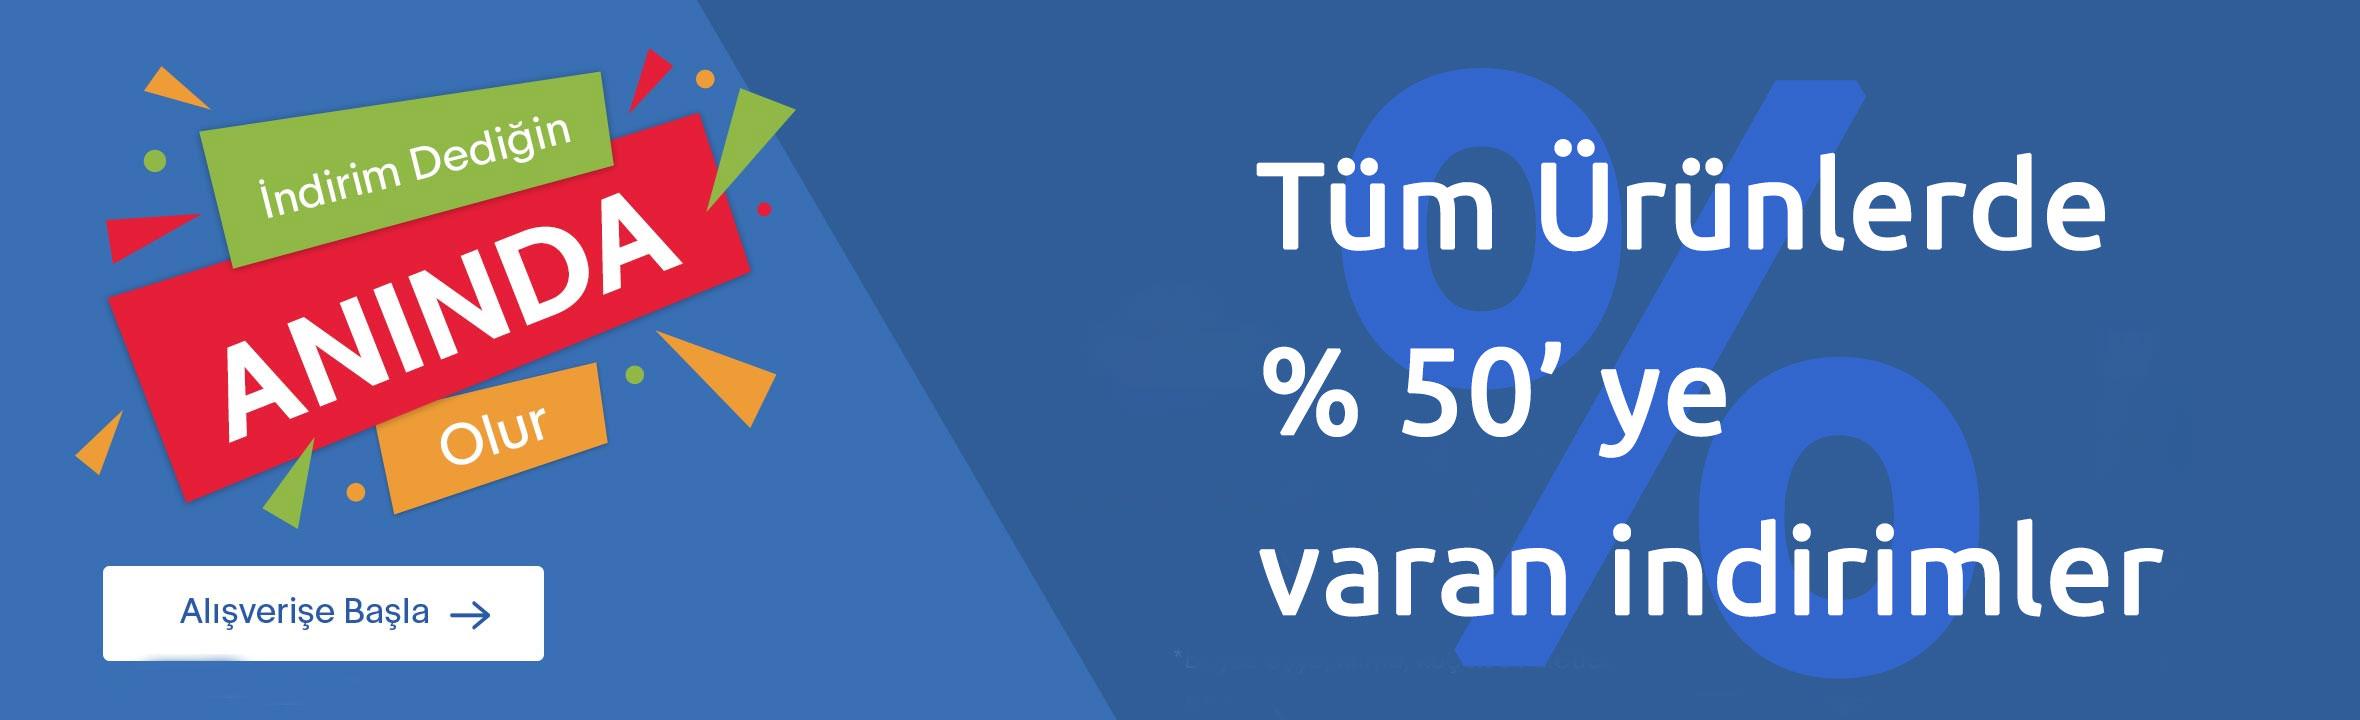 Büyük İndirim % 50 ye varan indirim fırsatı!